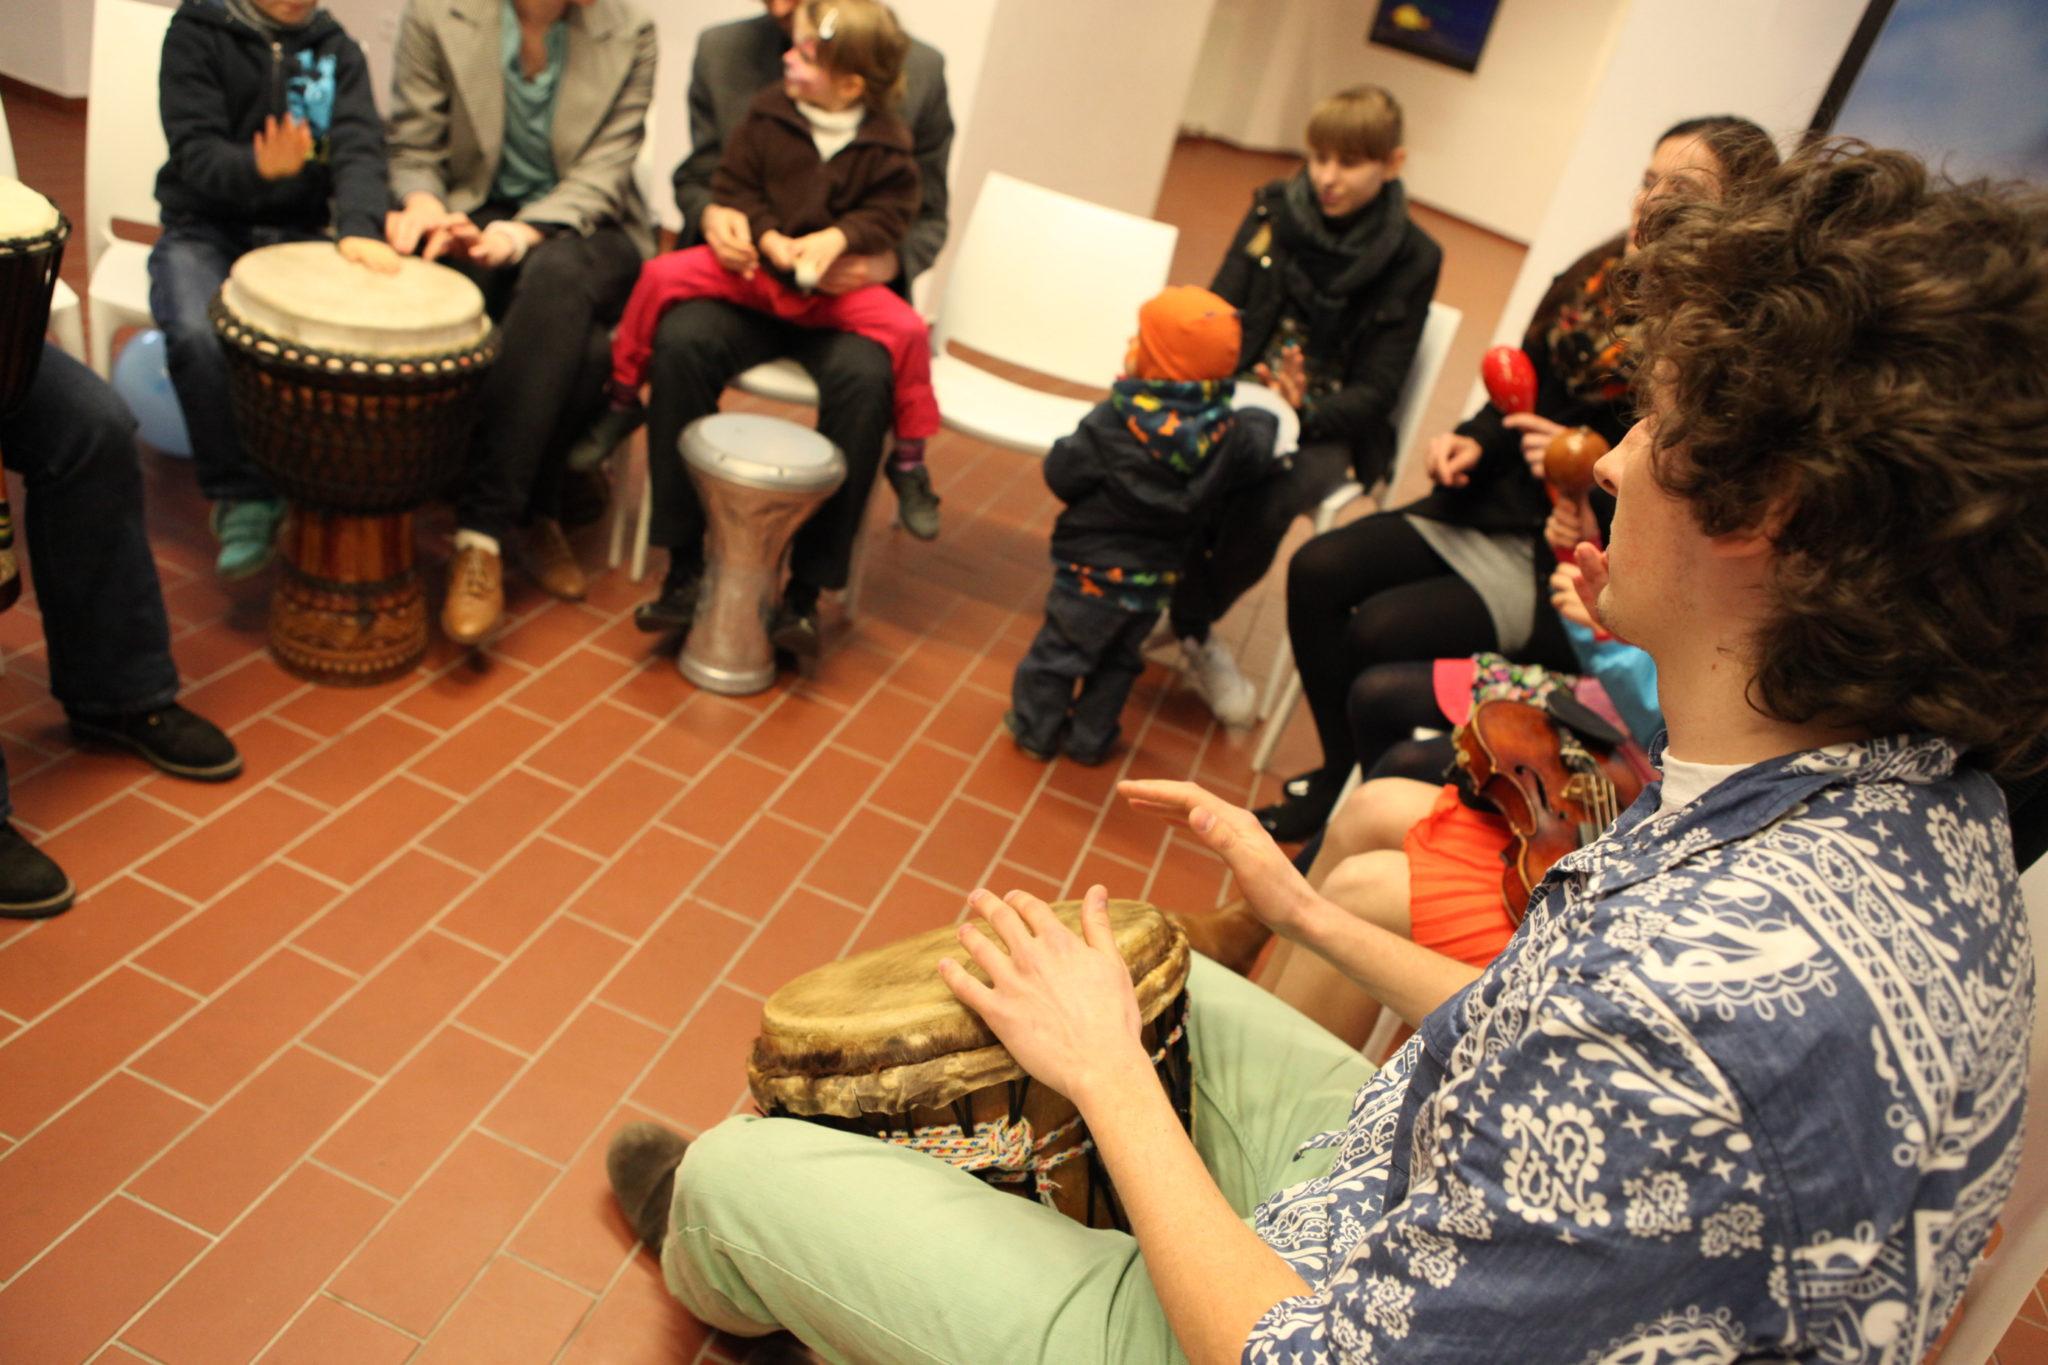 Muzyka i ruch w arteterapii